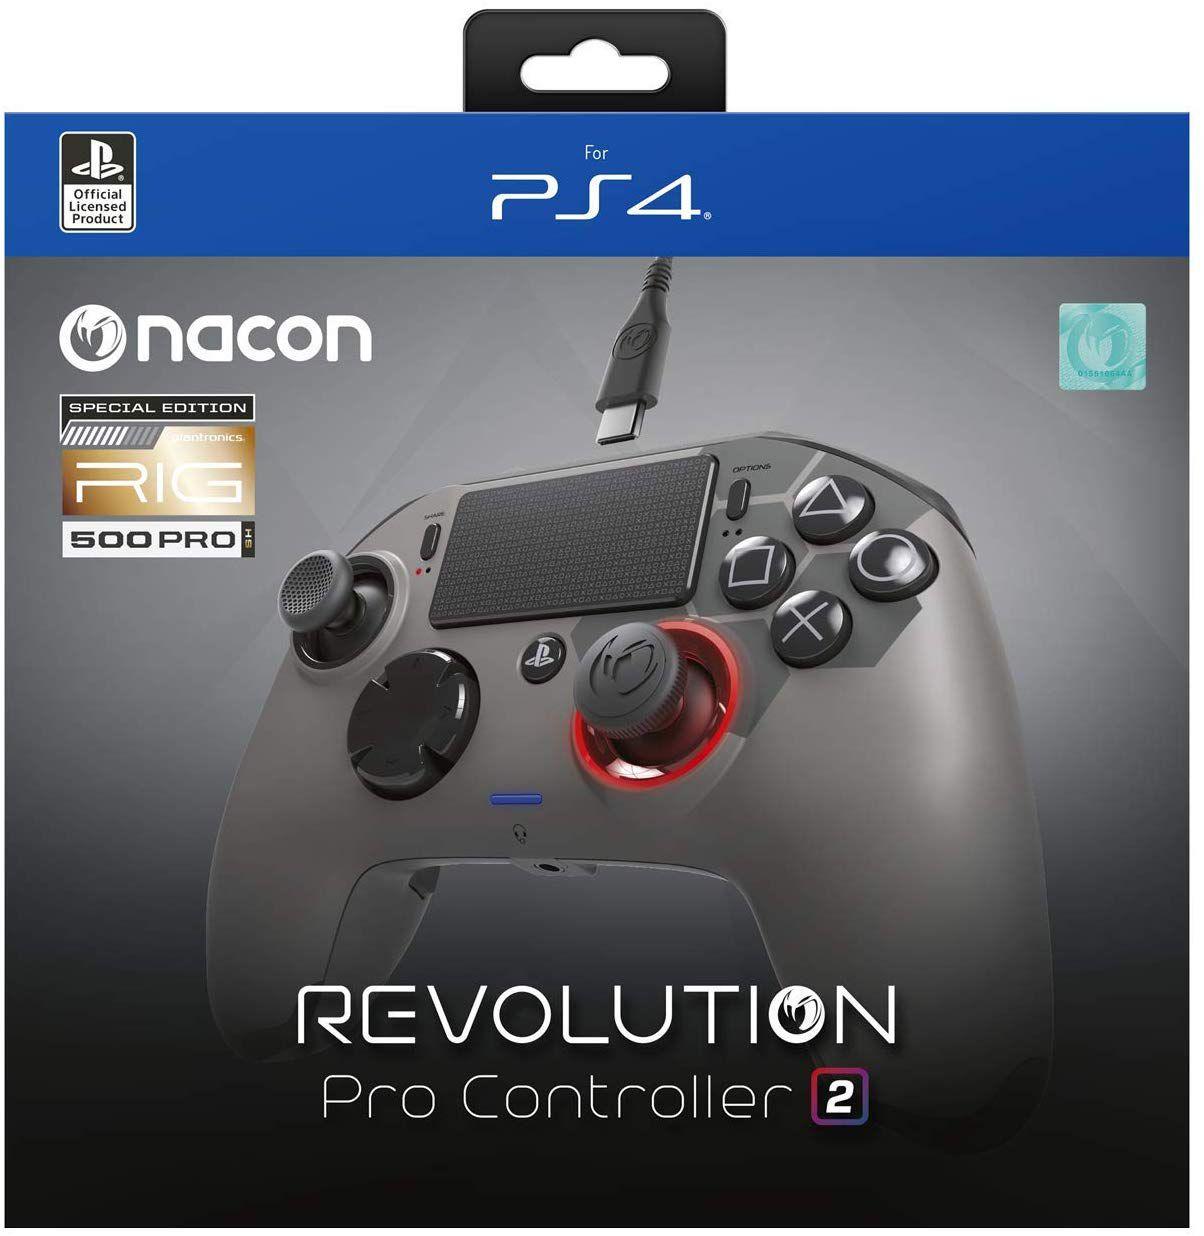 Controle Nacon Revolution Pro 2 RIG Edition